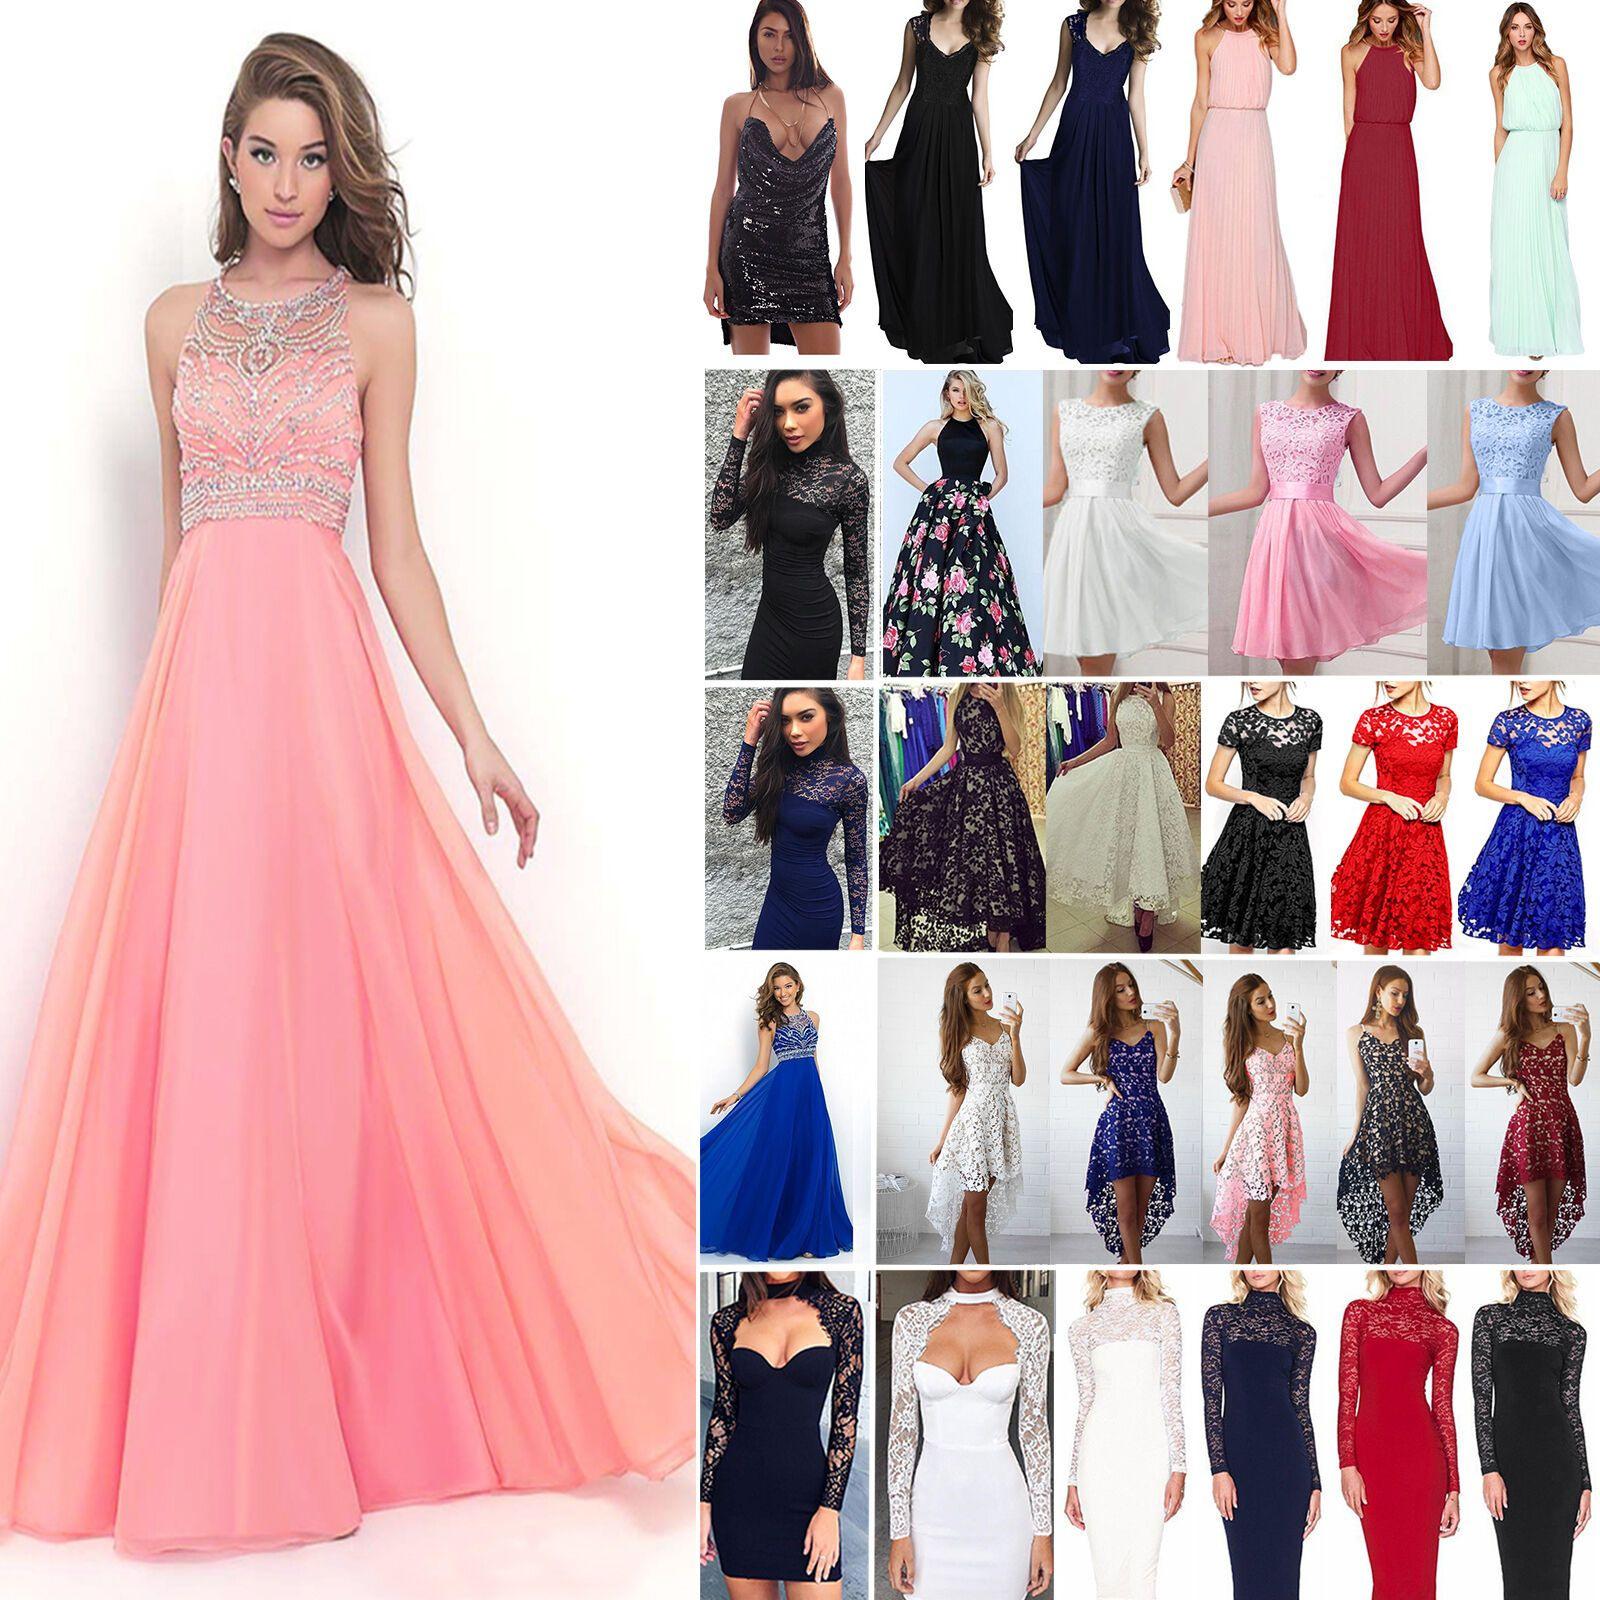 Abend Elegant Damen Abendkleid Bester PreisDesigner Spektakulär Damen Abendkleid für 2019